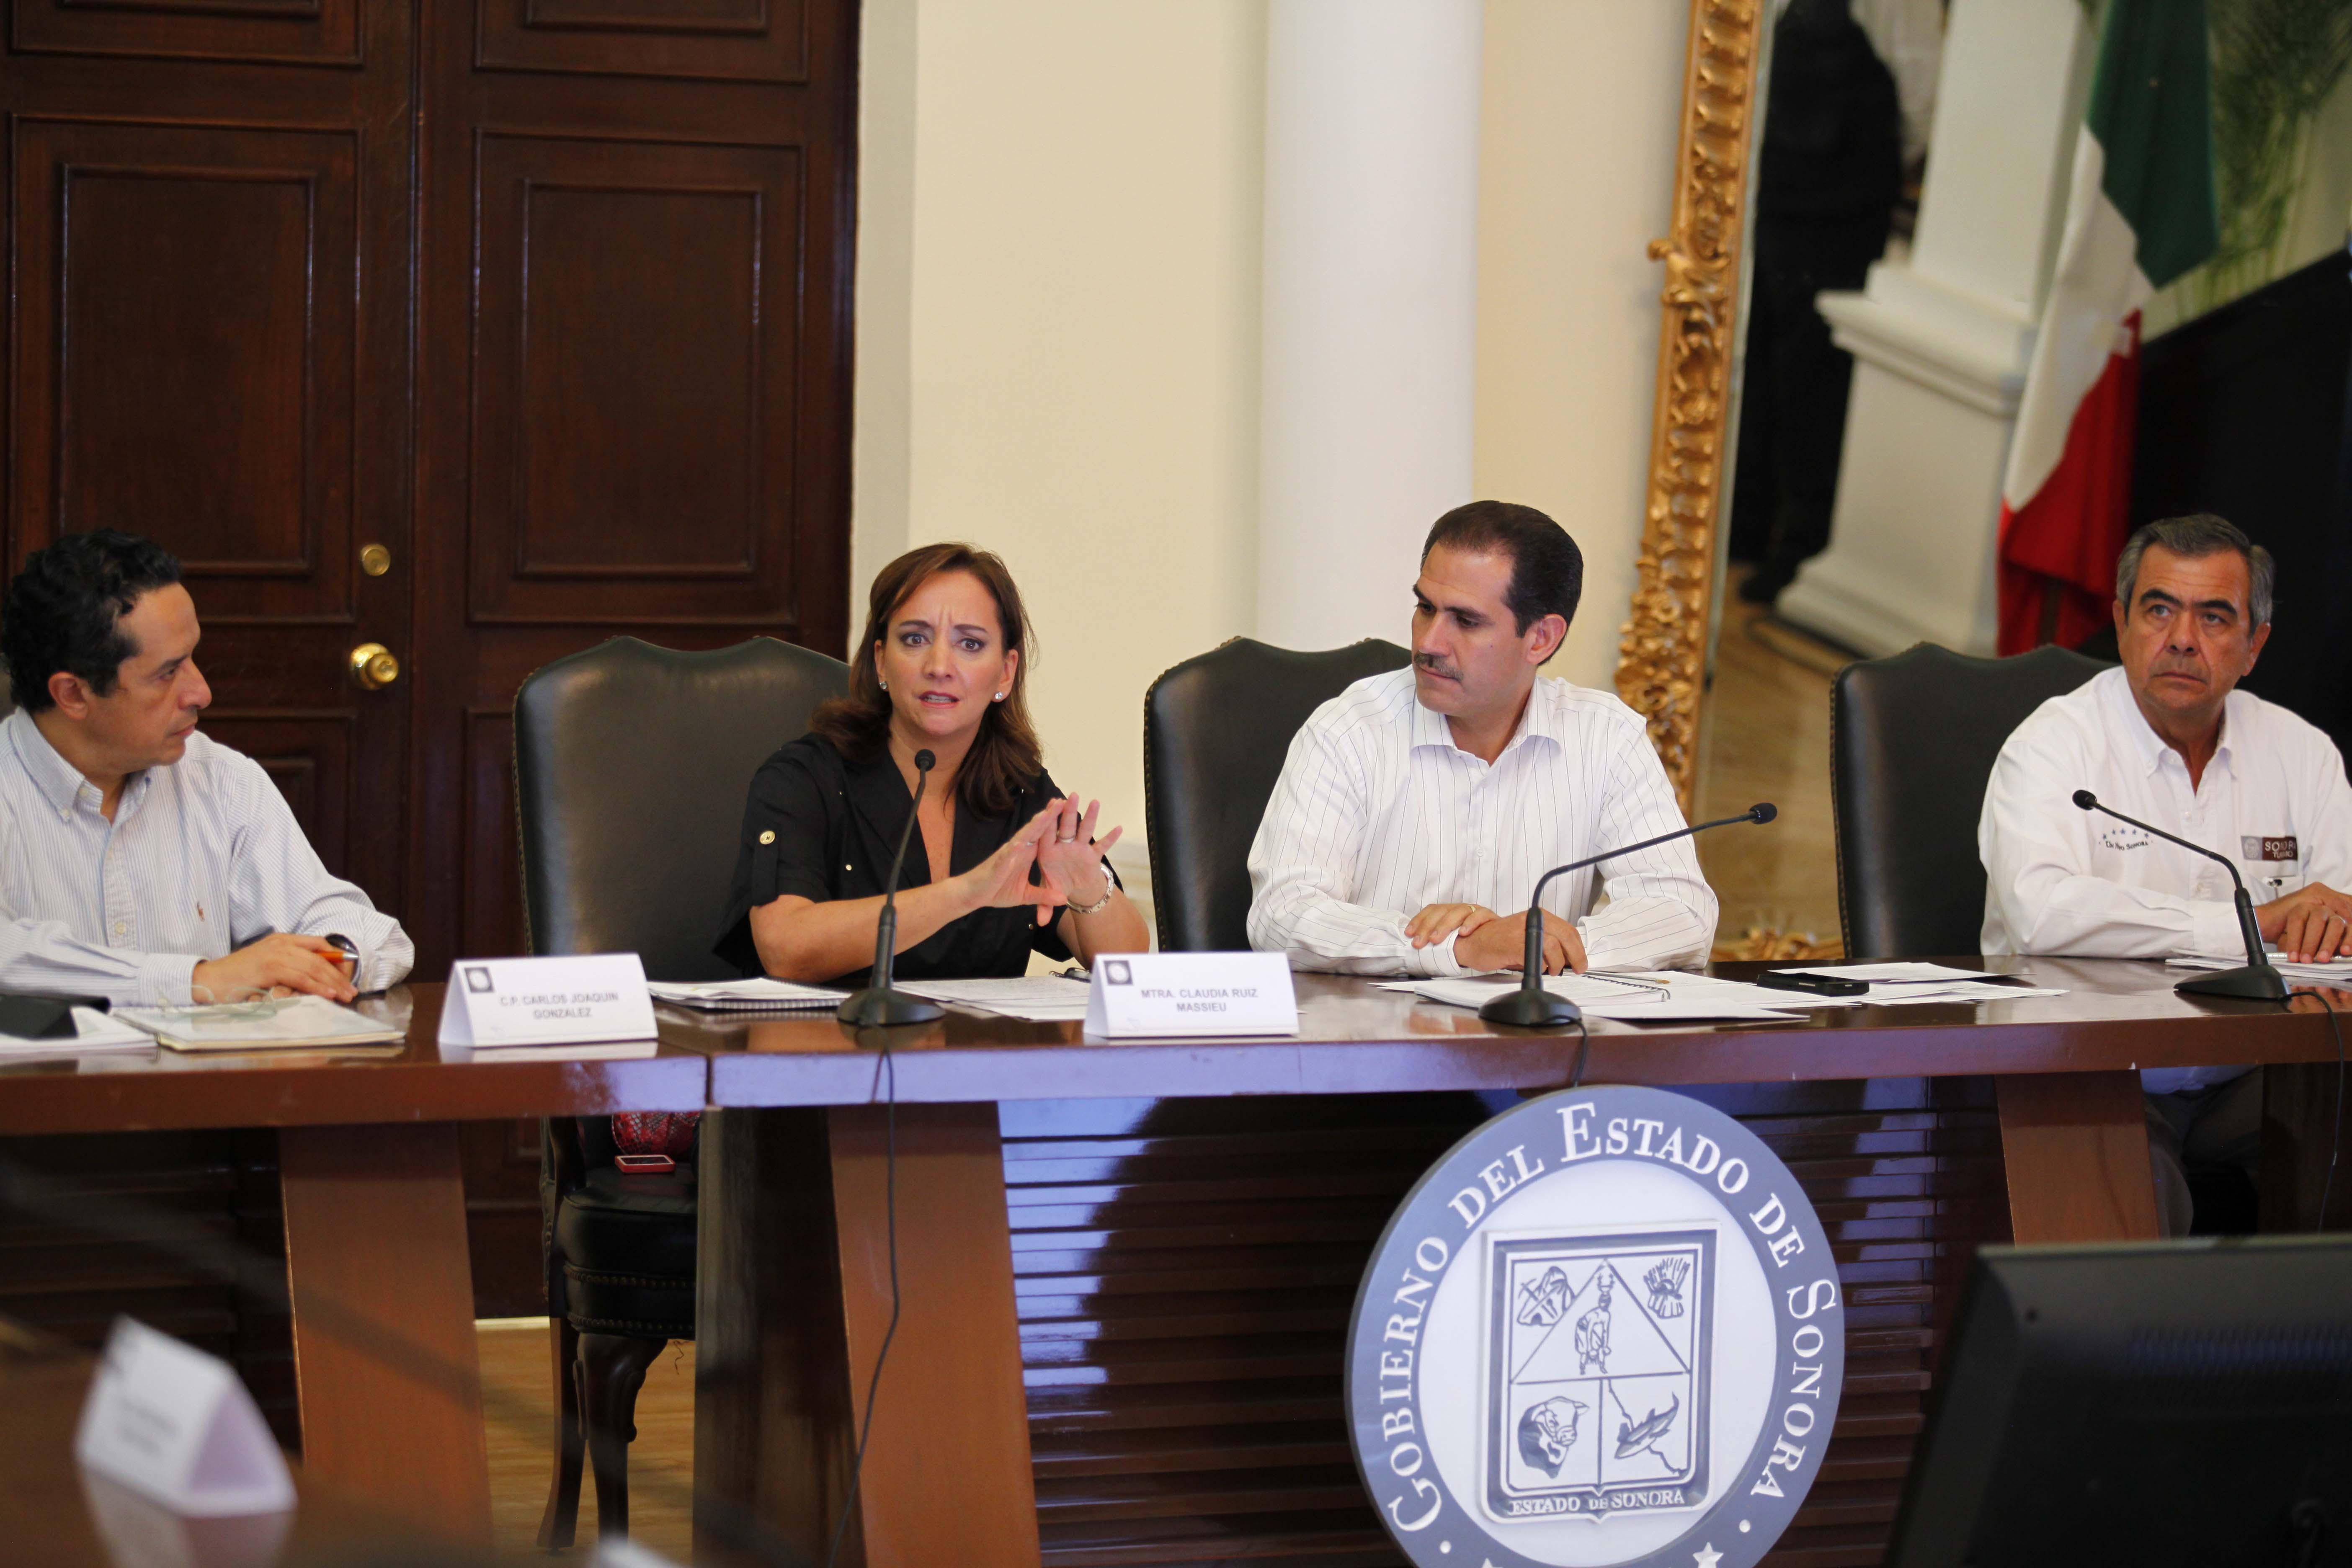 La titular de la Secretaria de Turismo asistió a encuentros de trabajo en Sonora.